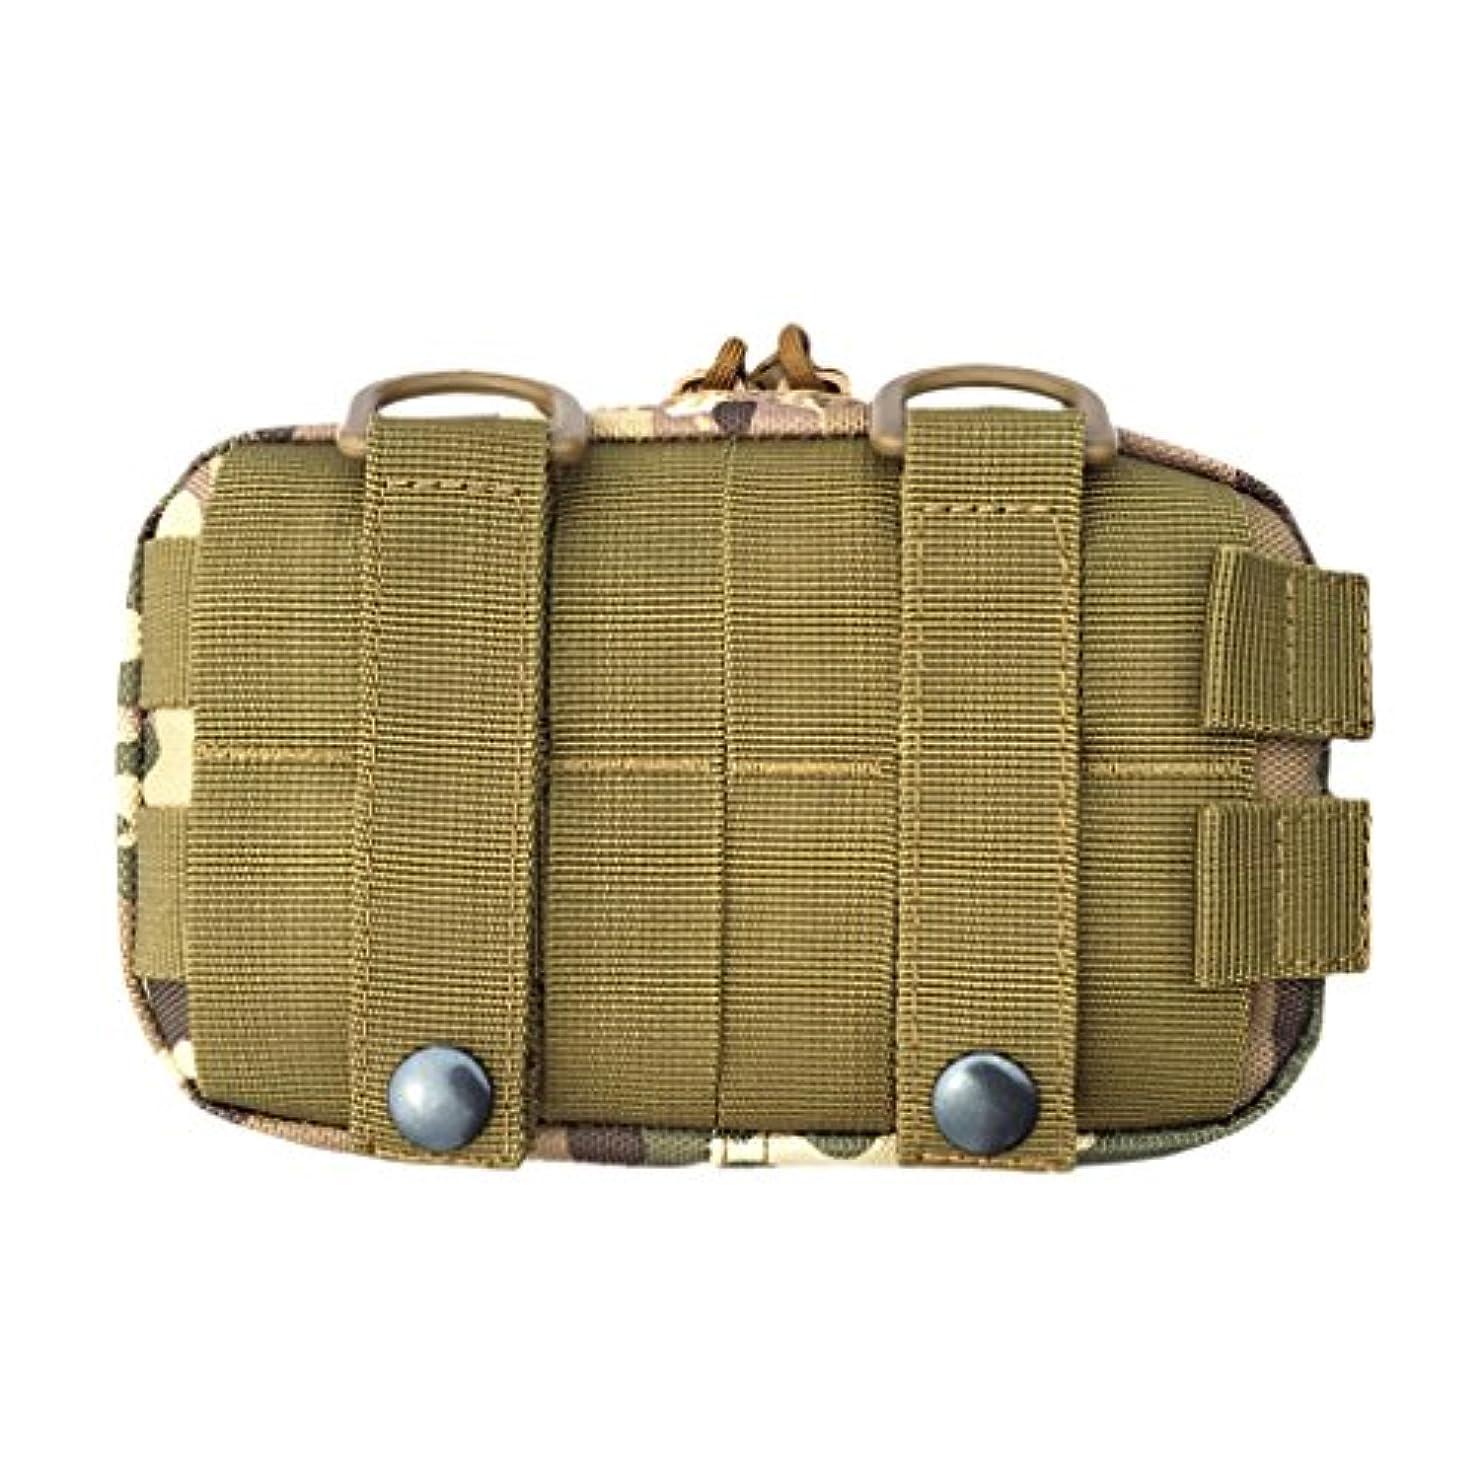 夕方区別外交官B Baosity コンパクト 小型 ユーティリティポーチ ポーチ 収納バッグ ナイロン 耐久性 多目的 5色選べる